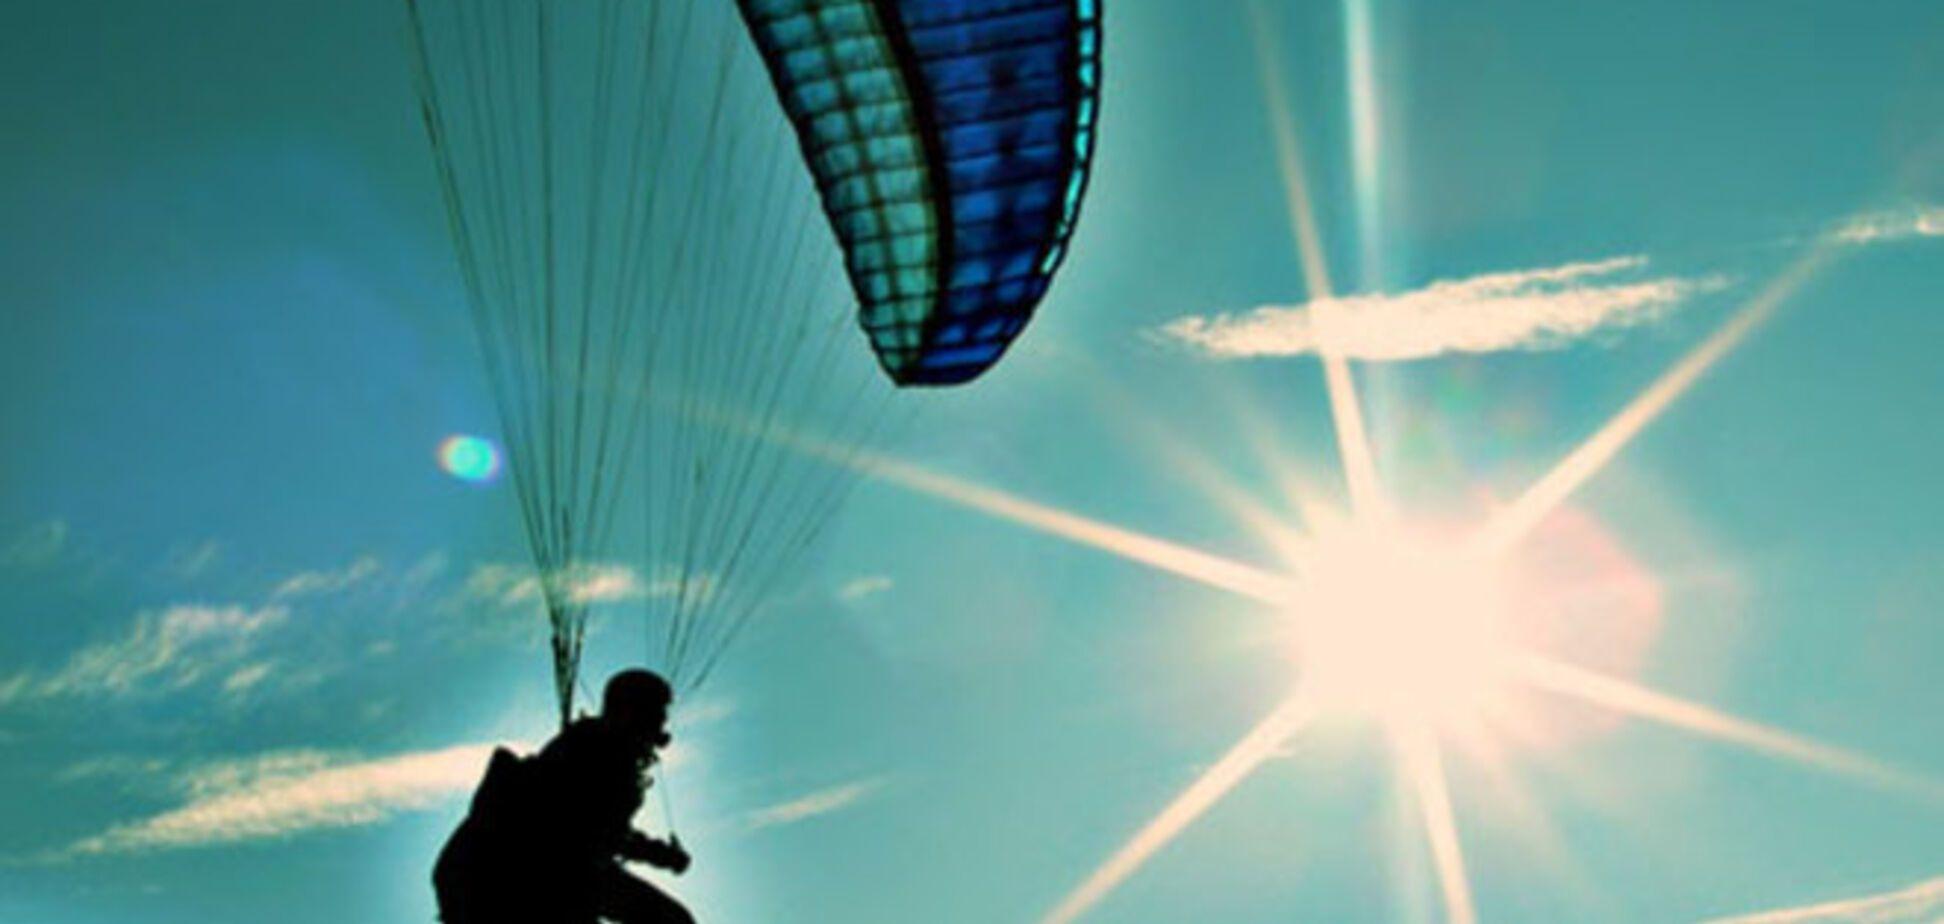 Поляк на параплані незаконно перелетів кордон України